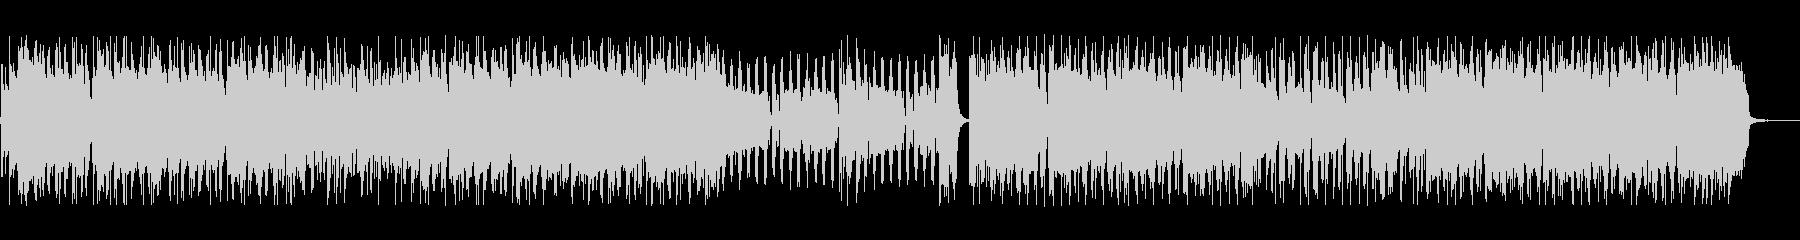 【音圧低】疾走感のあるパンクの未再生の波形